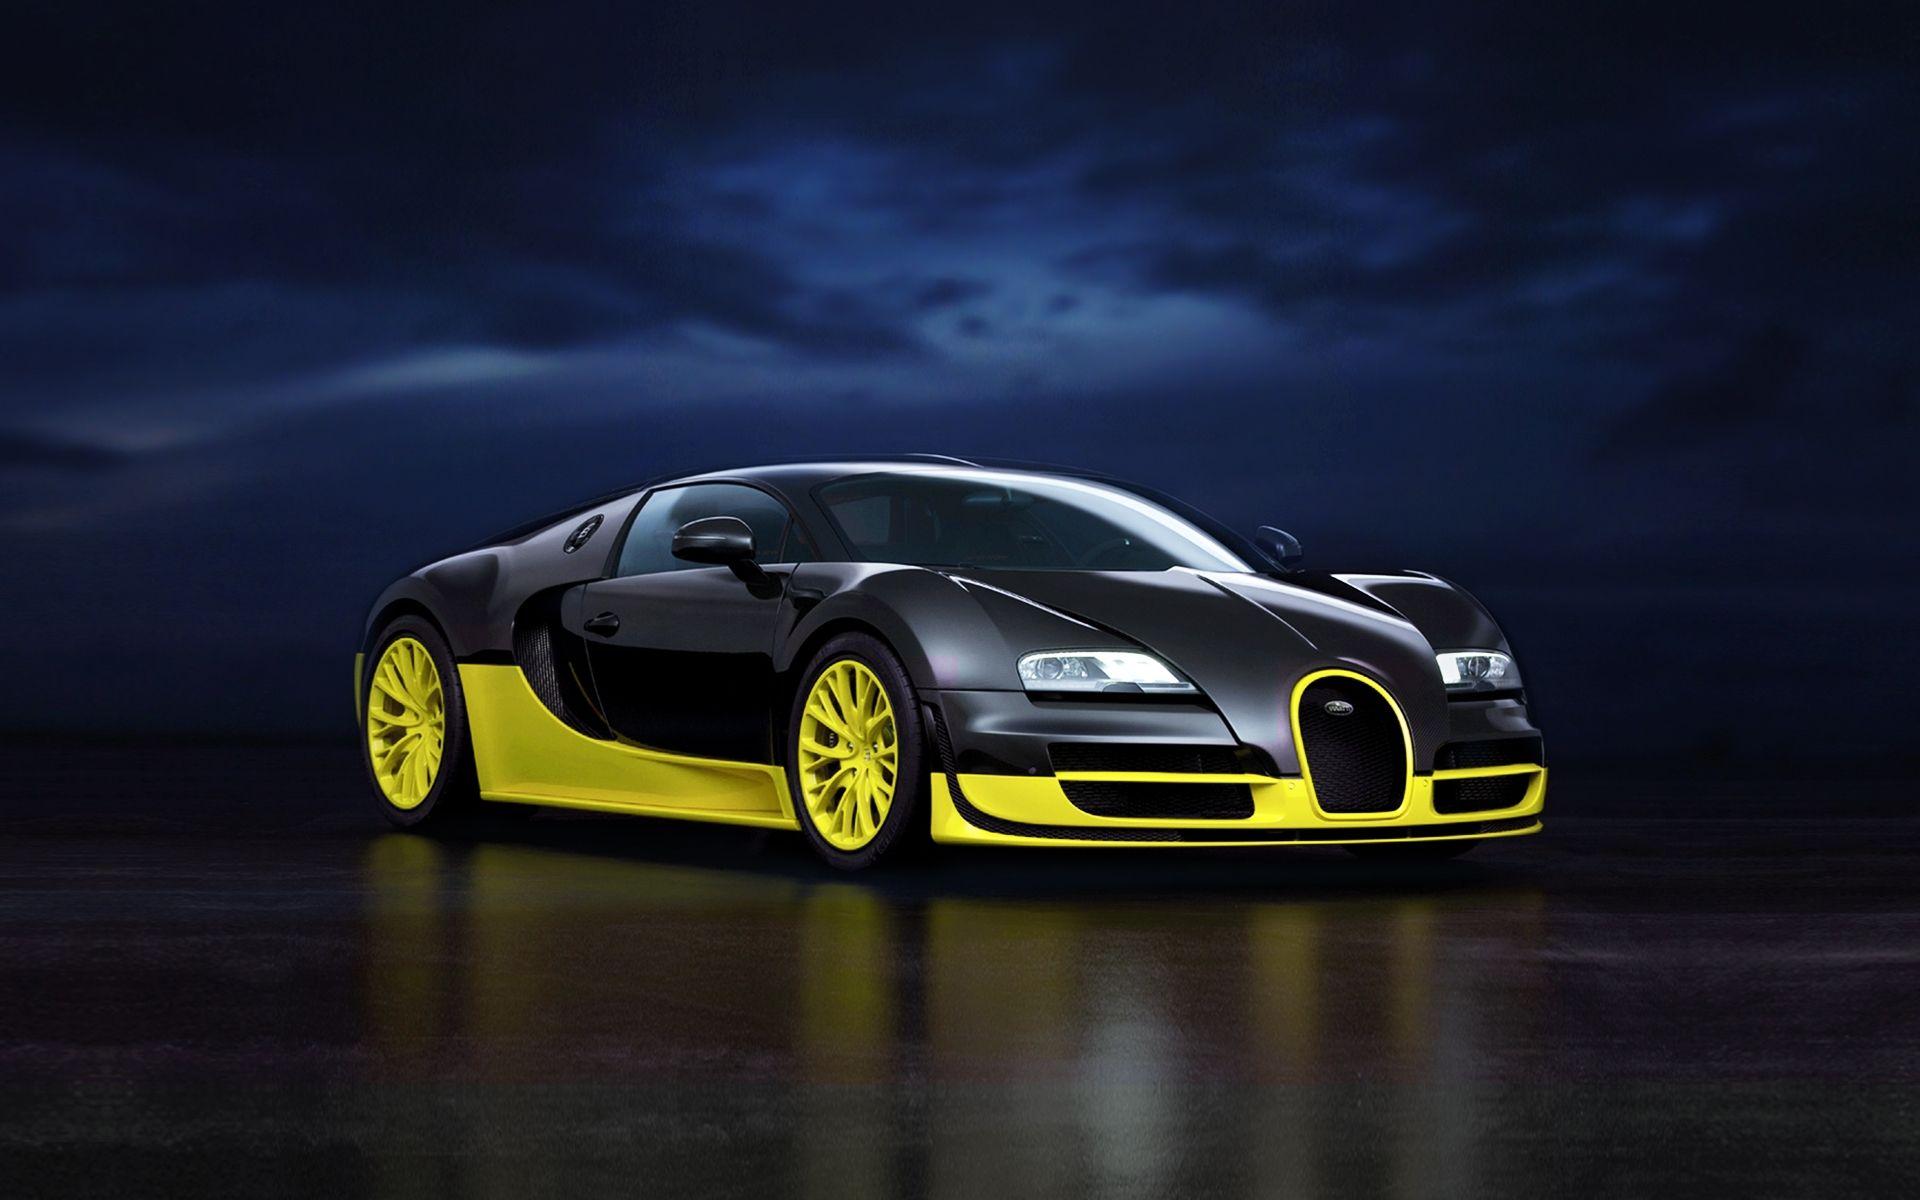 Veyron Super Sport Car Bugatti Veyron Super Sport Sports Cars Bugatti Bugatti Veyron